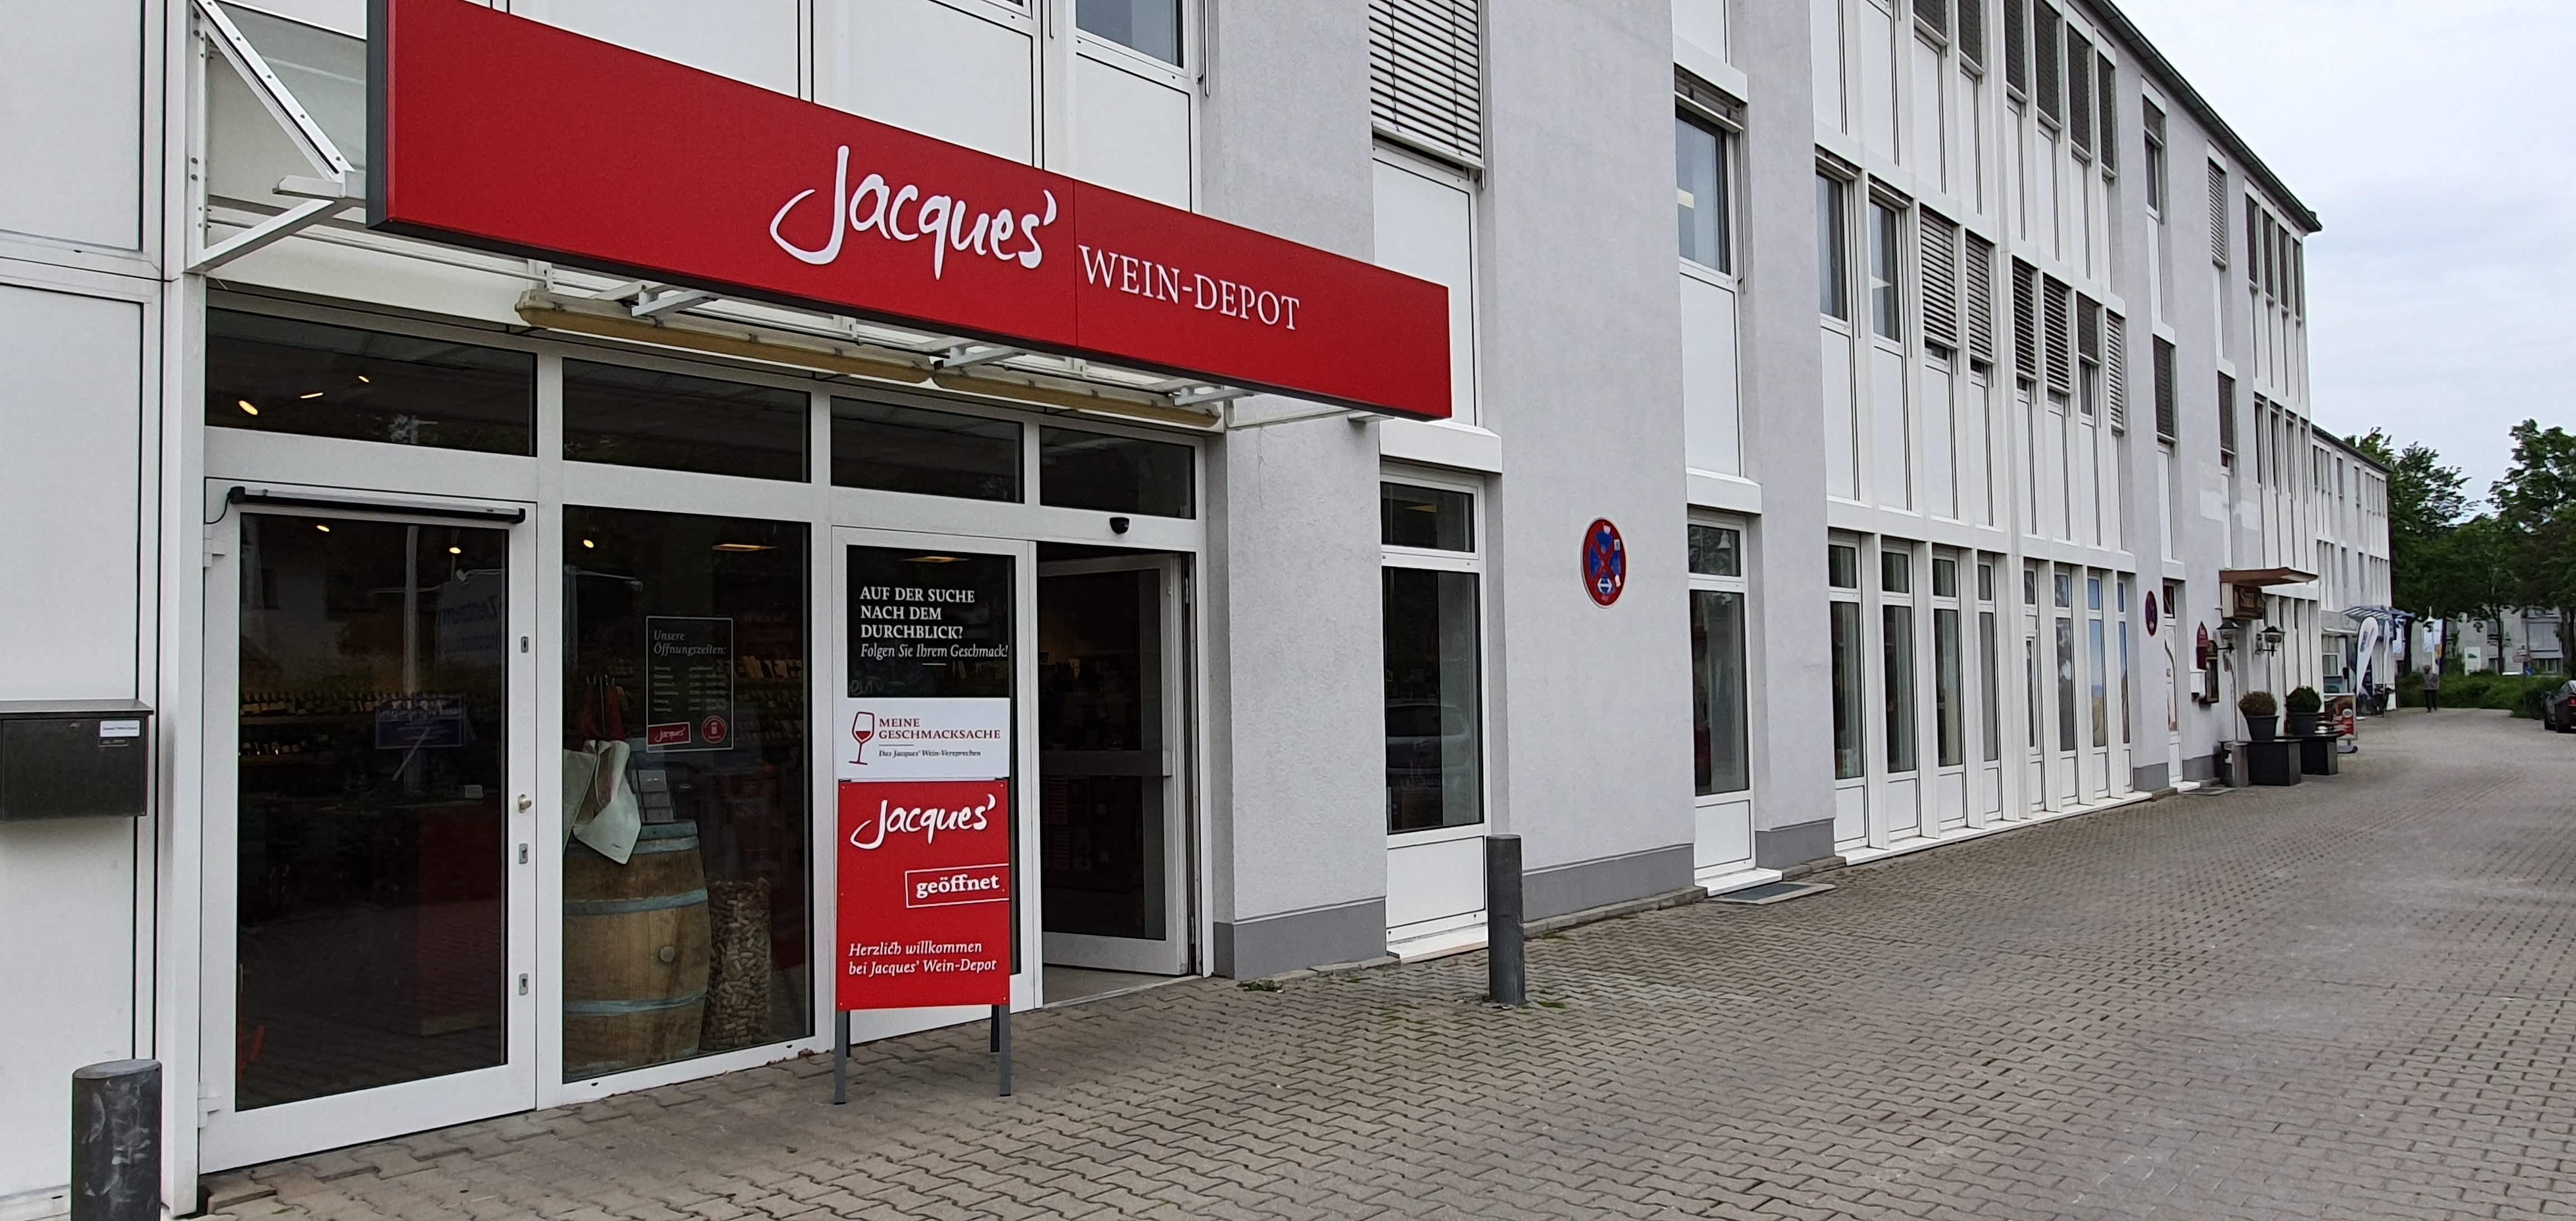 Jacques\' Wein-Depot - 3 Fotos - Unterschleißheim Lohhof ...